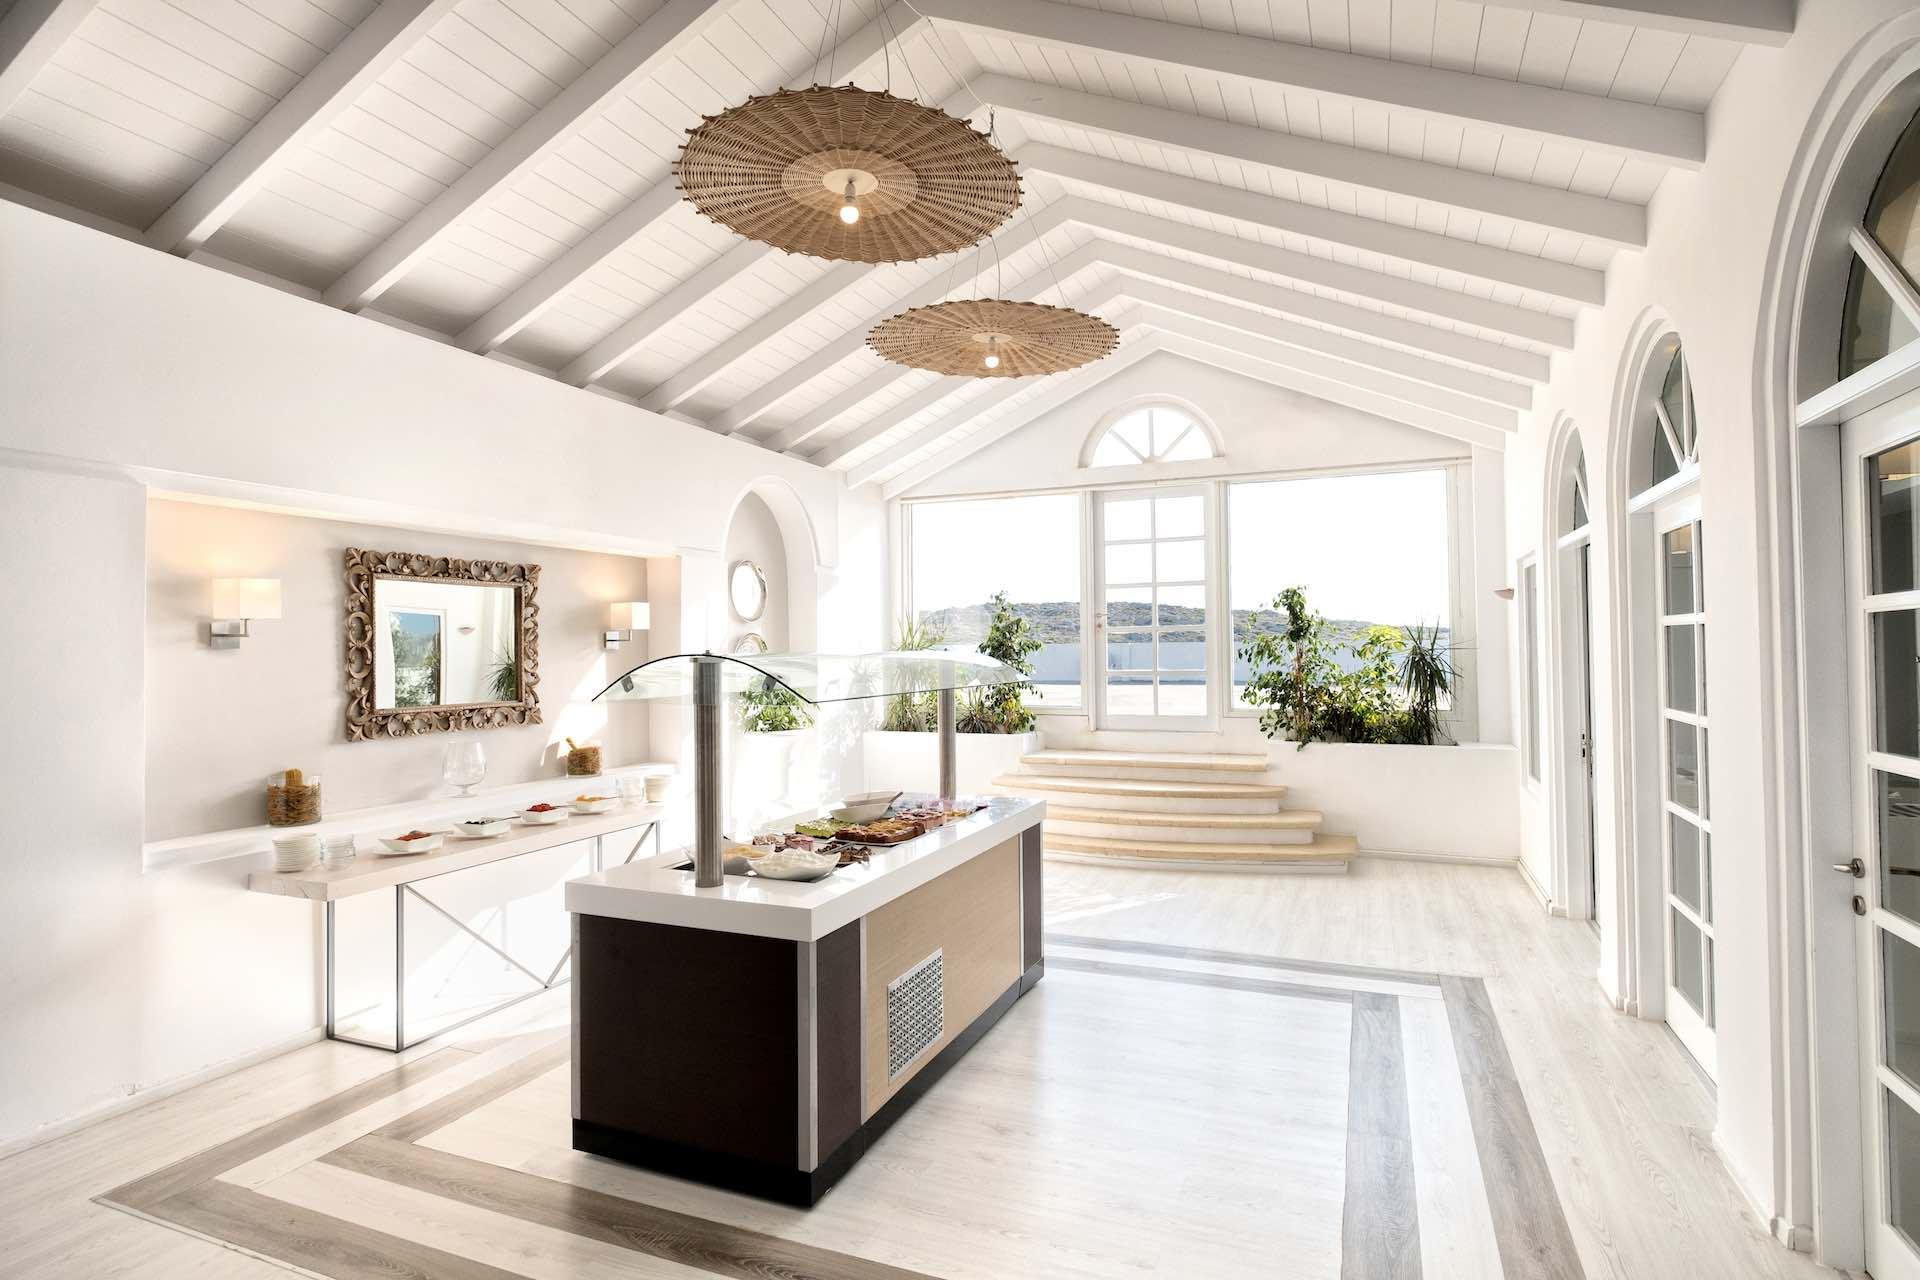 https://static.traveltek.net/uploaded/2019/6/1561464617_mr-mrs-white-crete-lounge-resort-spa07.jpg